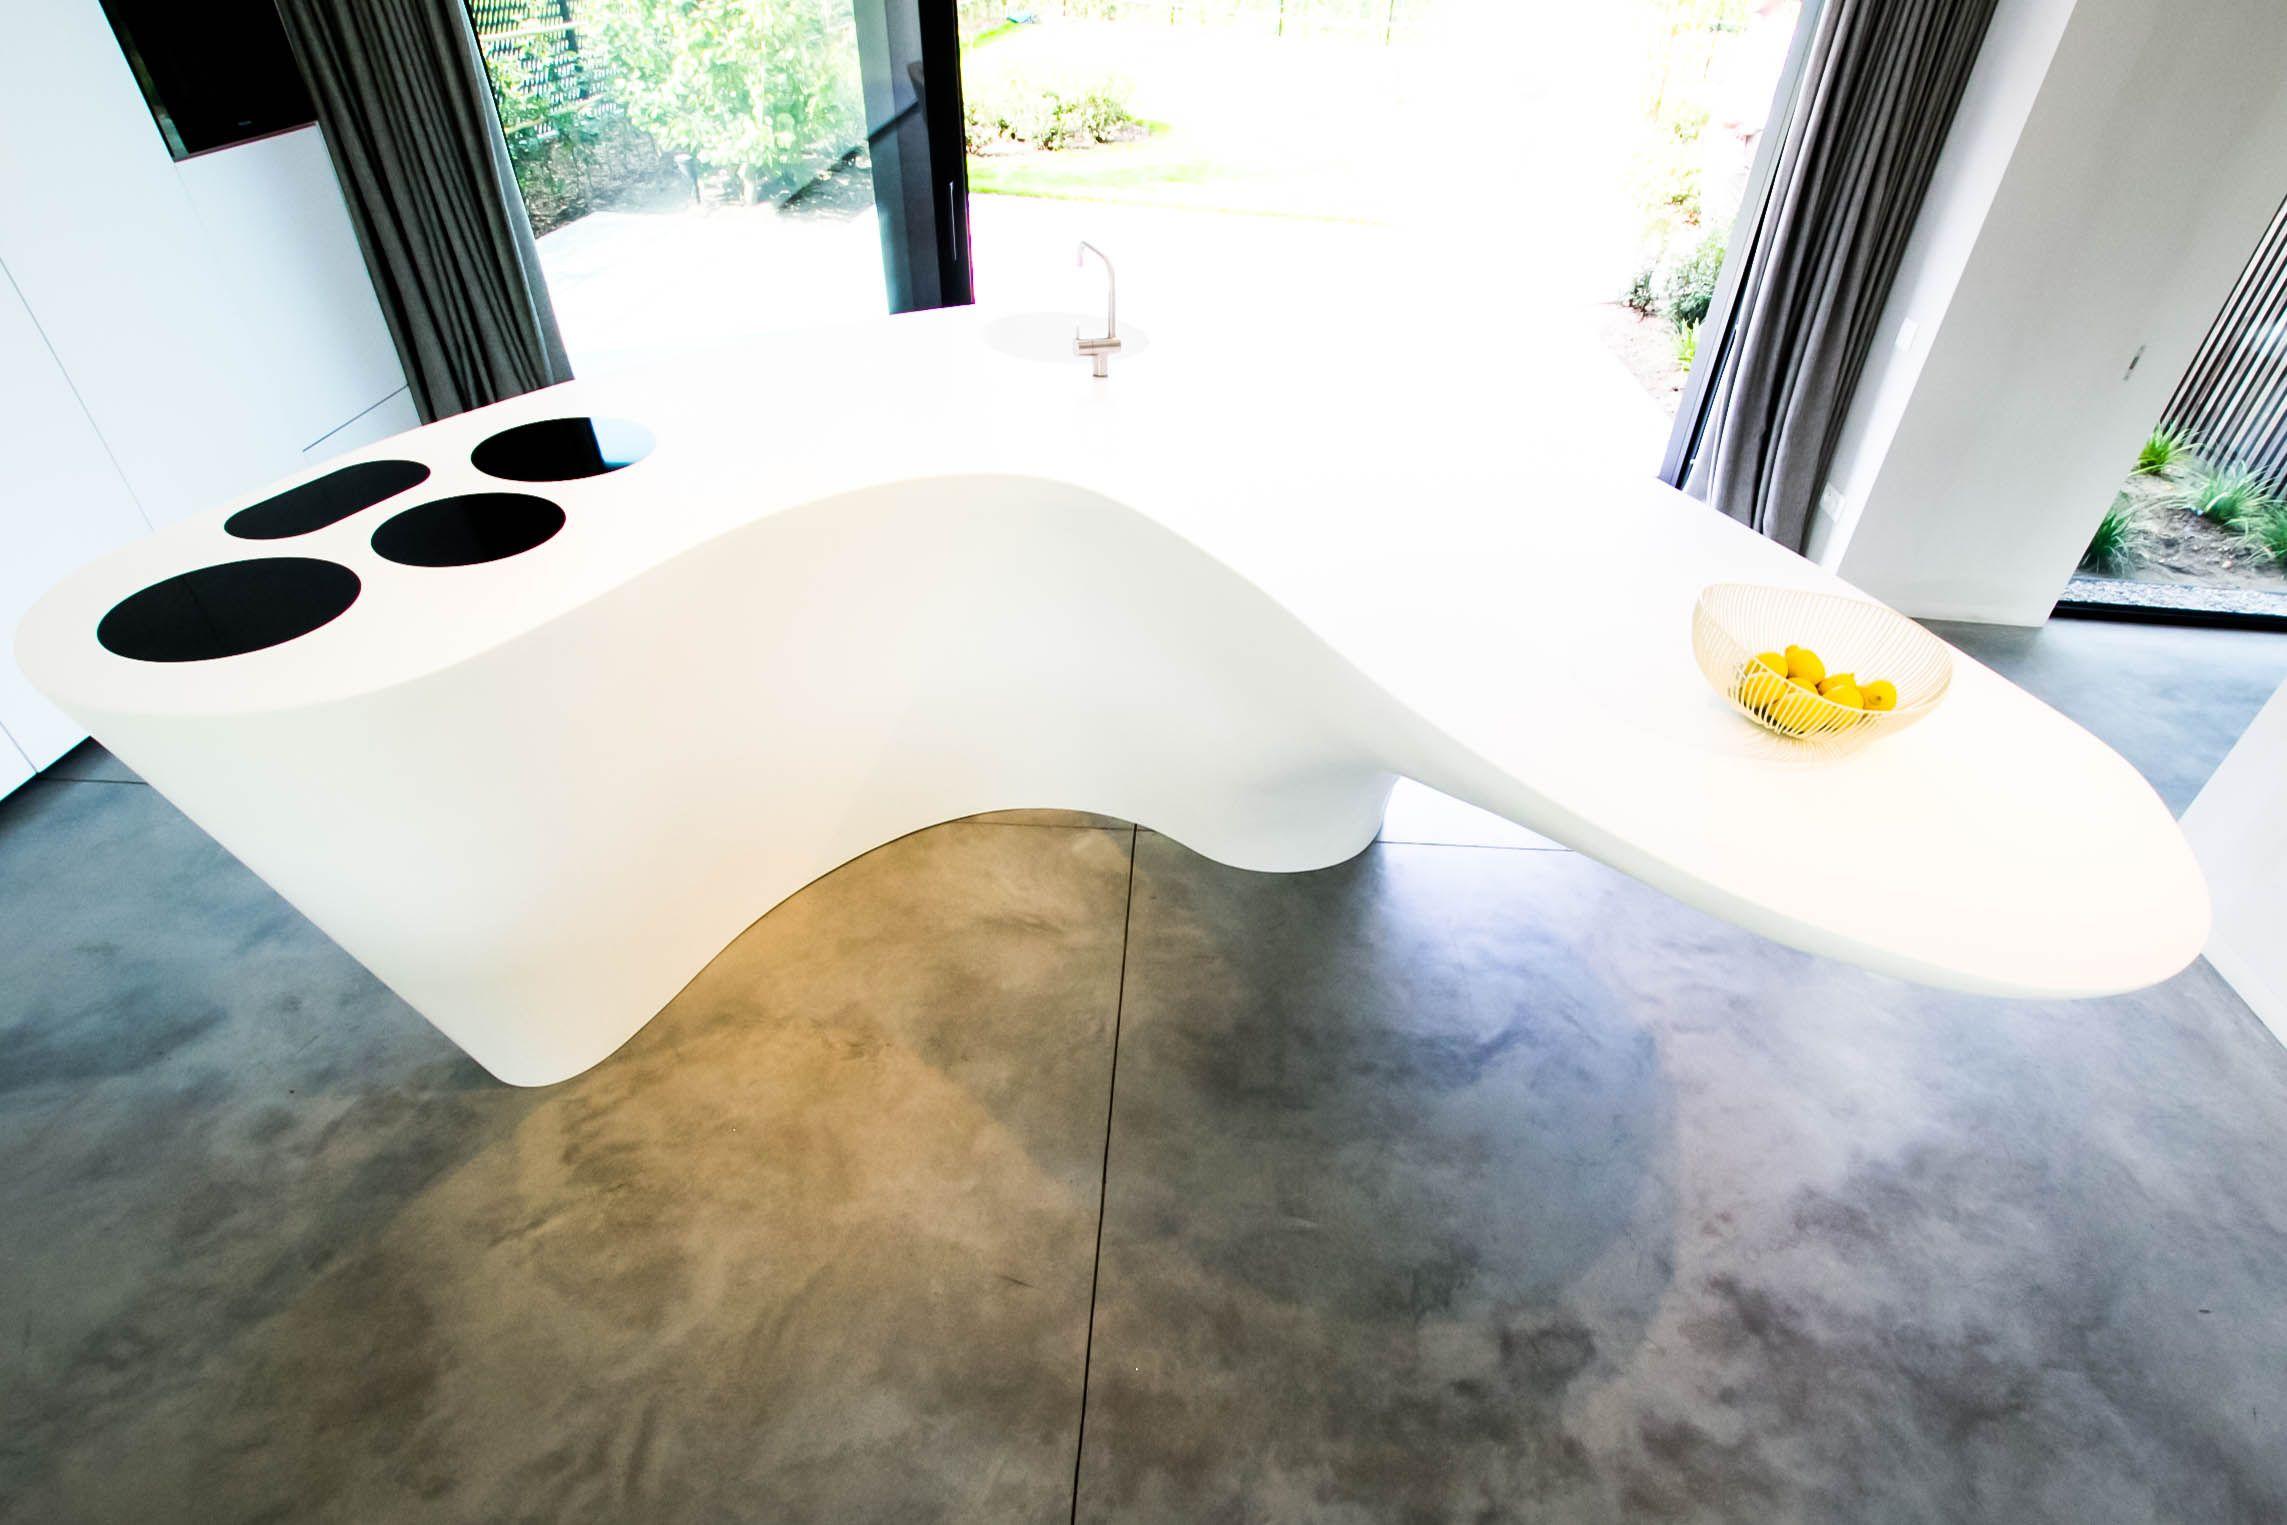 Modern keukeneiland in organische vormgeving ontwerp door gf